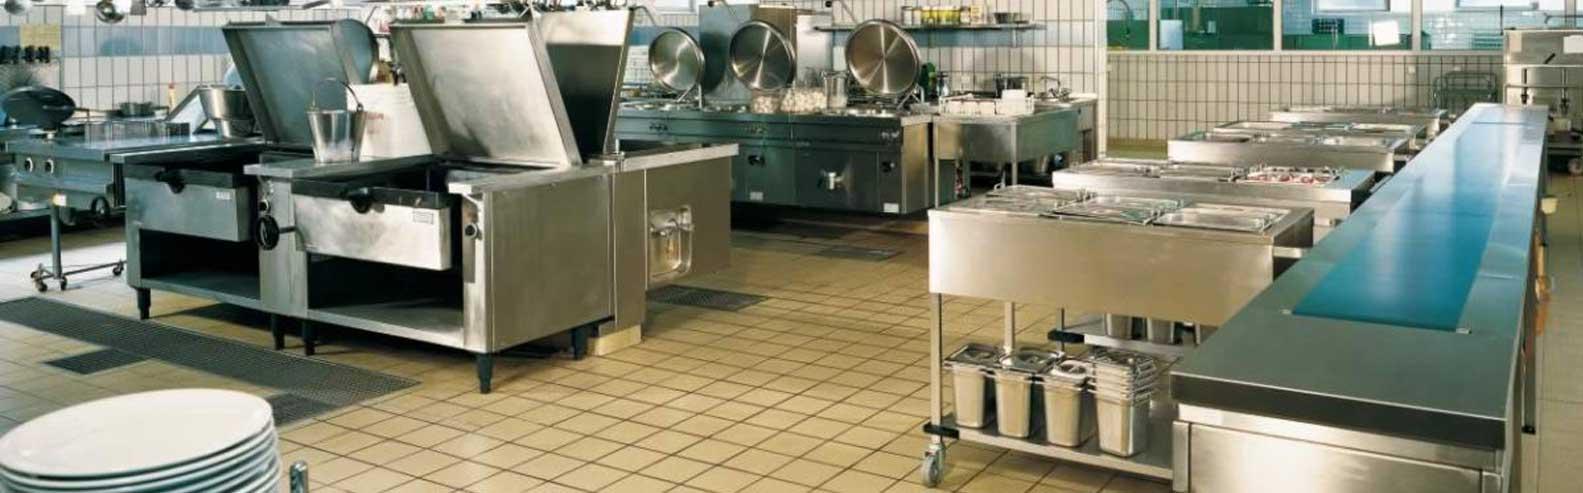 Heavy Duty Industrial Tile Lining, Heavy duty Industrial Ceramic ...